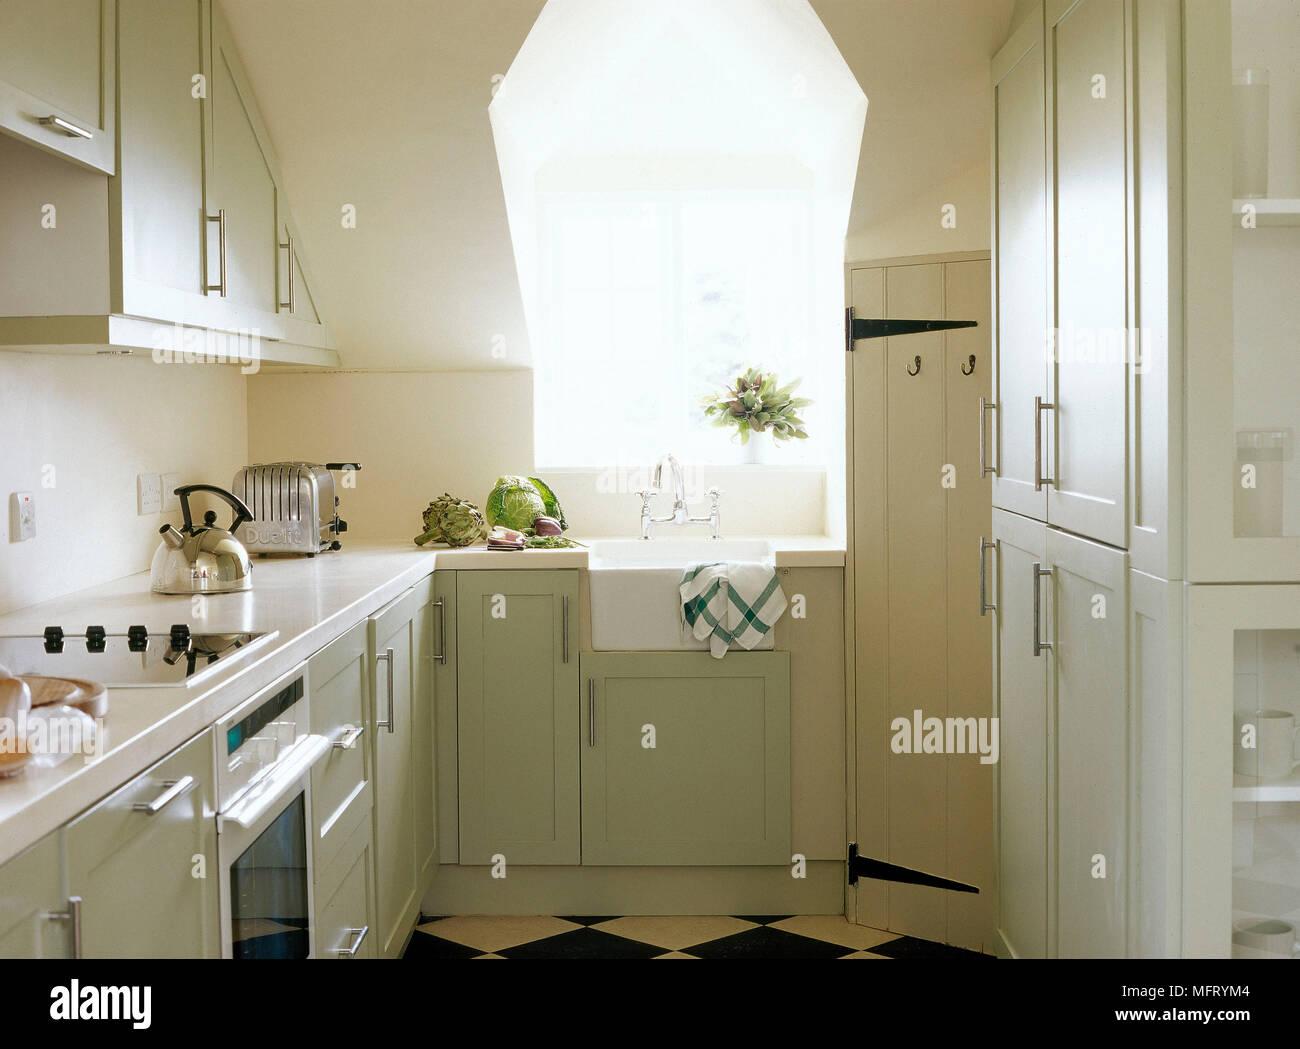 Ungewöhnlich Kran Ansicht Küchen Belfast Ideen - Ideen Für Die Küche ...